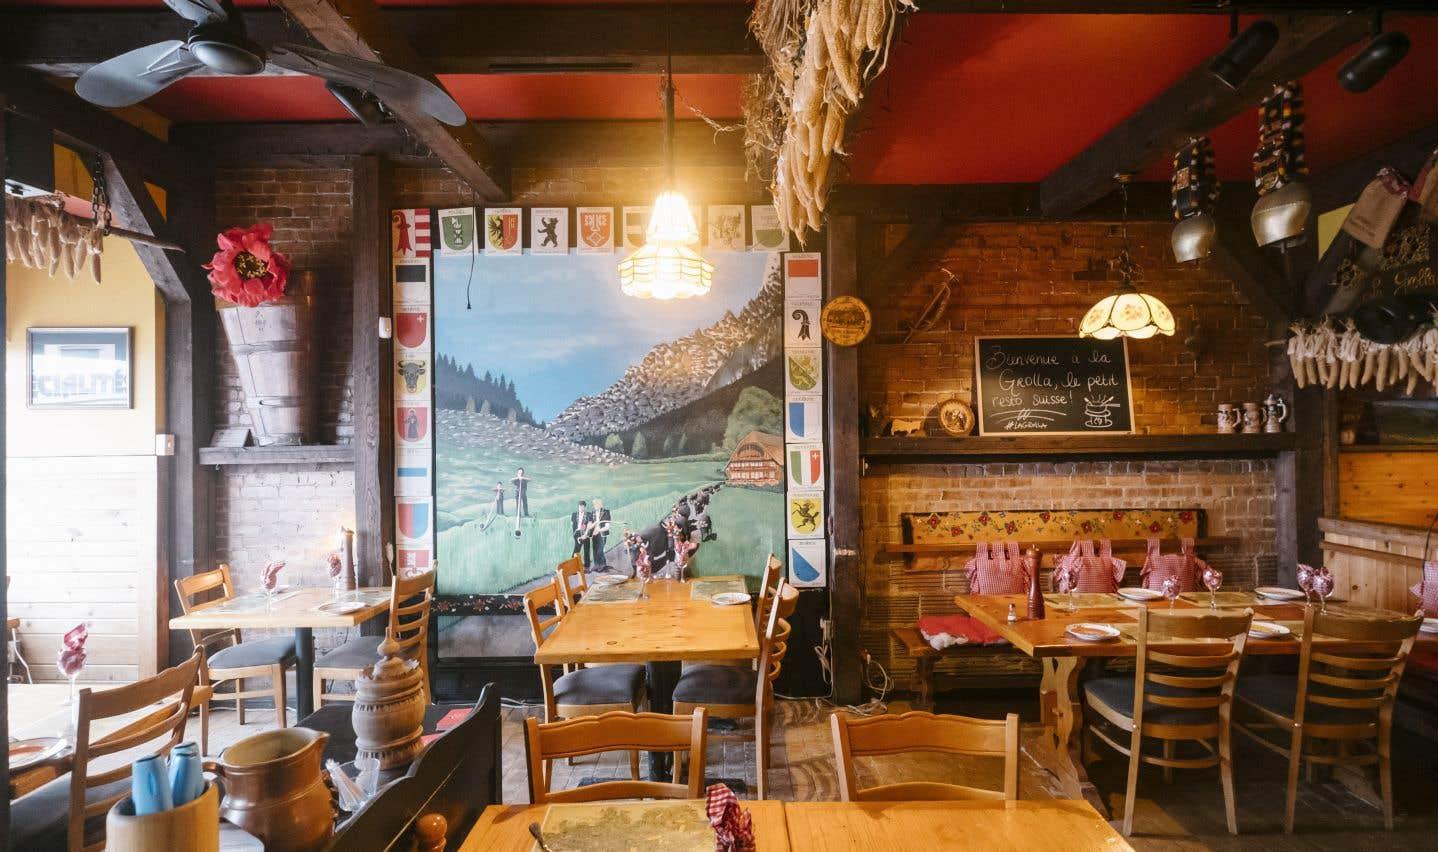 Le local de La Grollase veut une évocation des chalets montagnards avec appliques de bois brut, déco rustique et tissus à carreaux. Et les lieux fleurent bon le fromage.